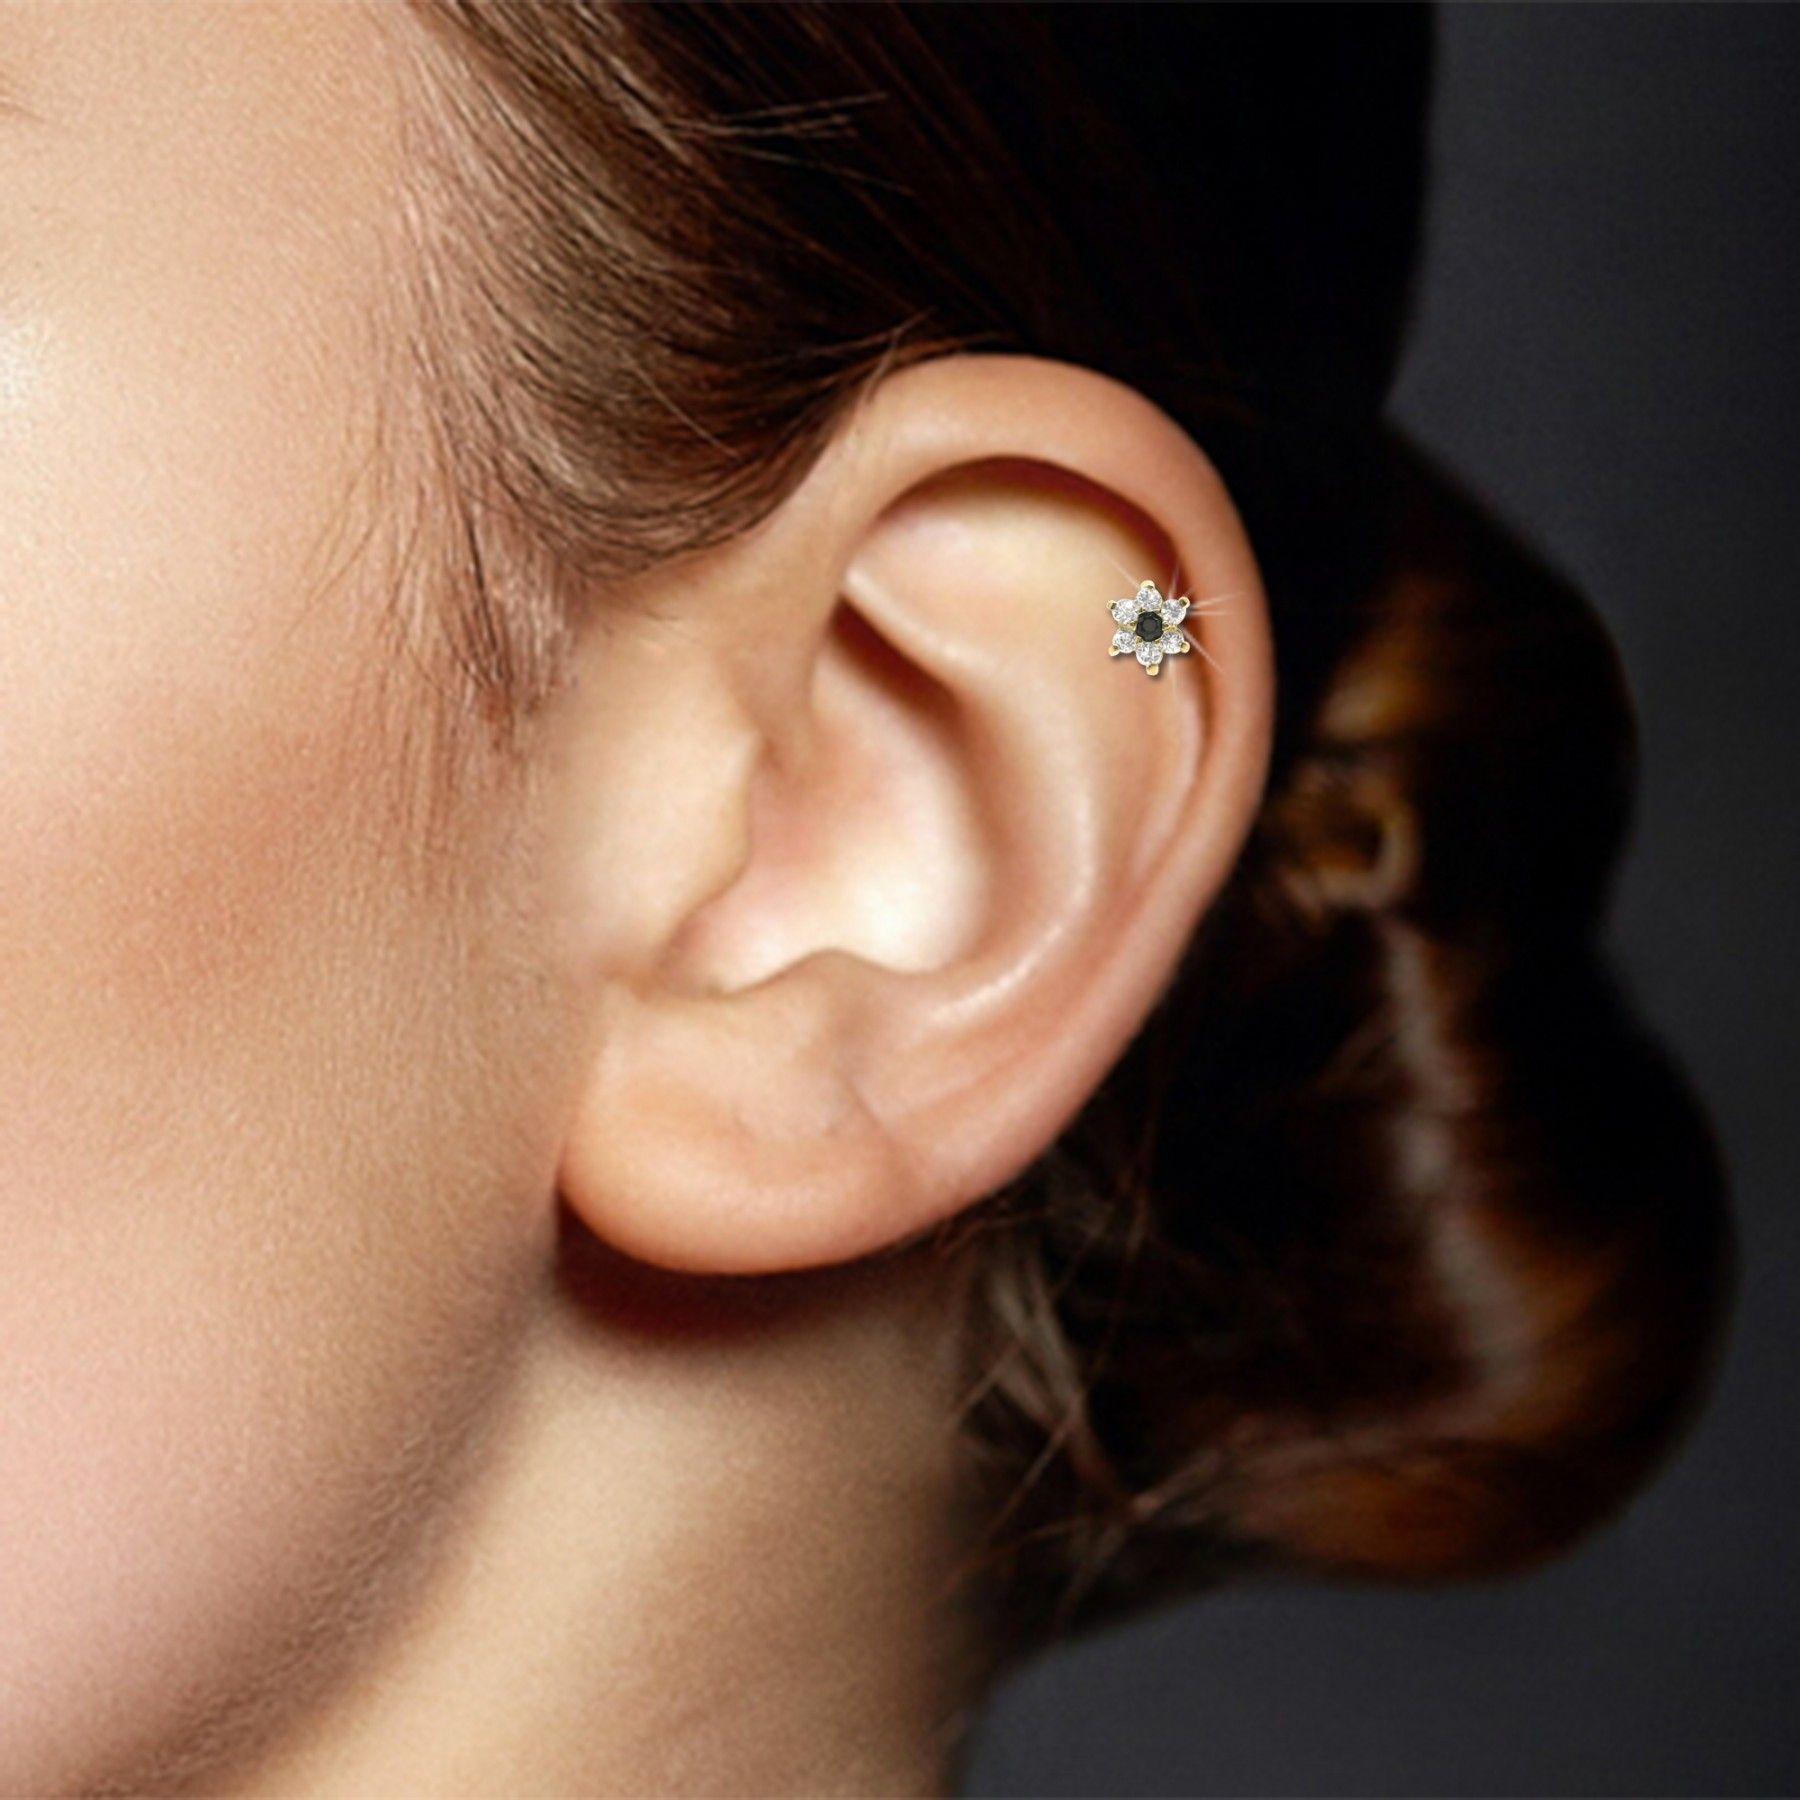 Piercing Helix Fleur En Or Jaune Piercings Piercings Tragus